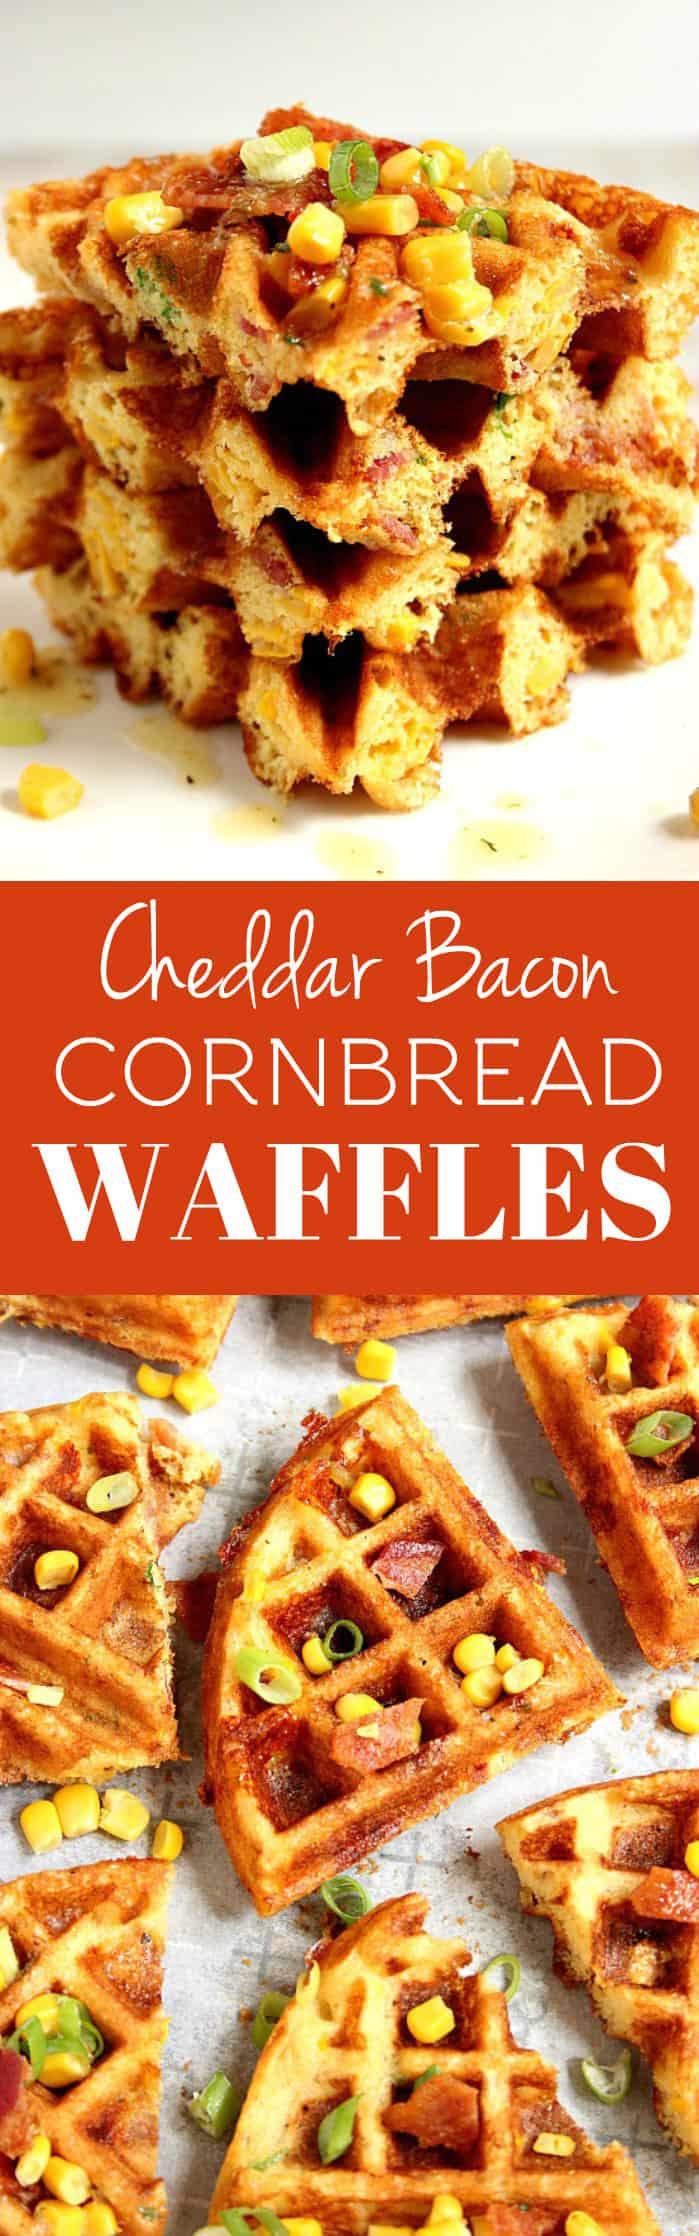 cornbread waffles long 2 Cheddar Bacon Cornbread Waffles Recipe